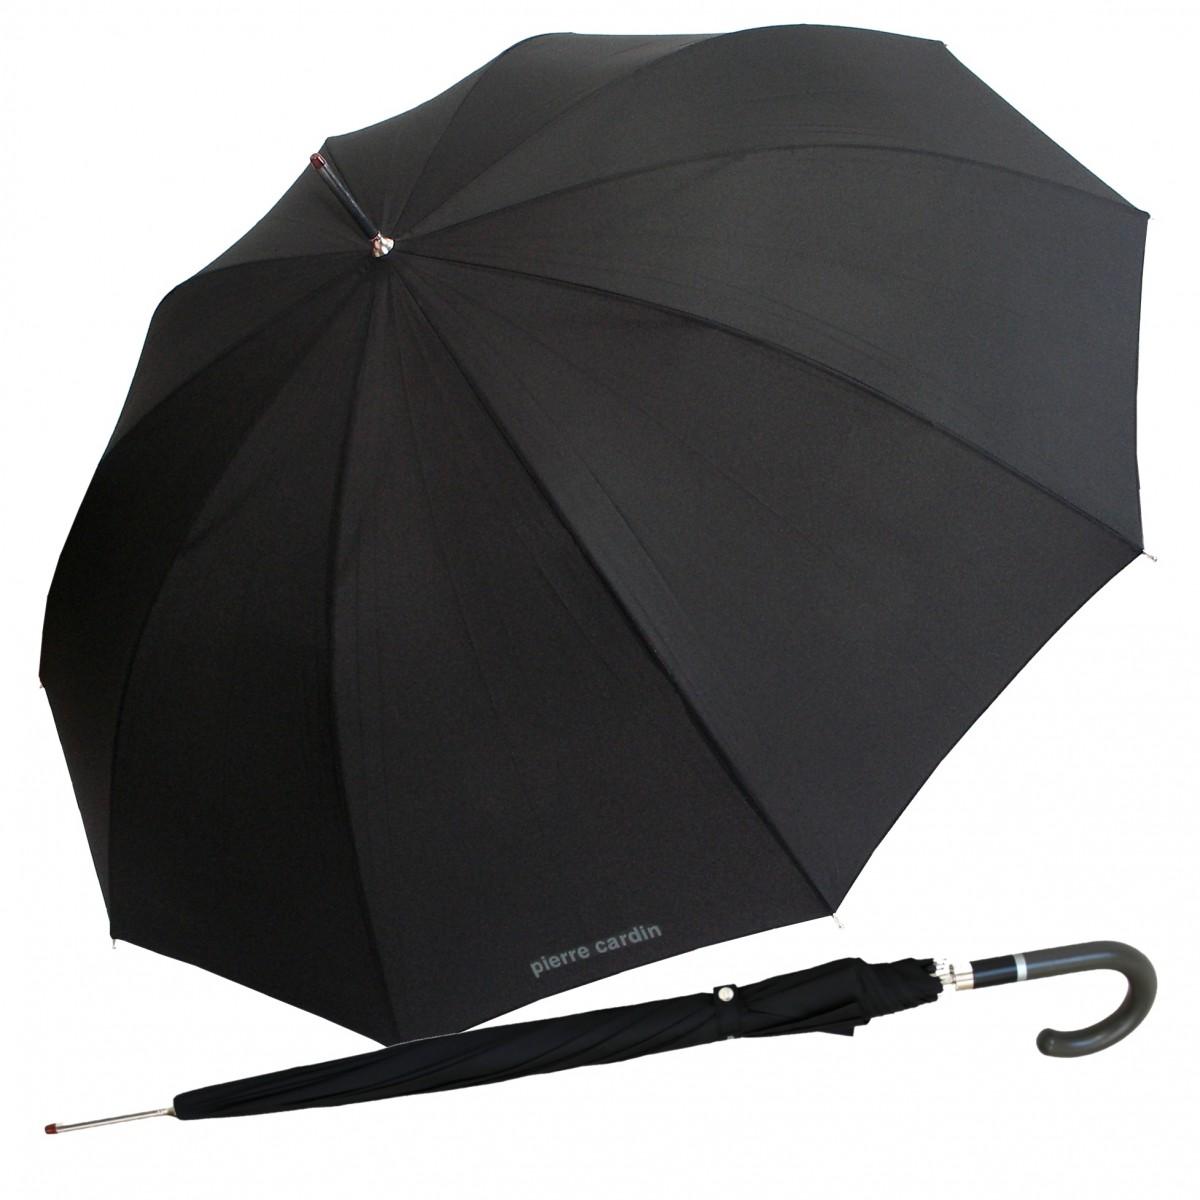 Stockschirm Regenschirm Herren schwarz Pierre Cardin